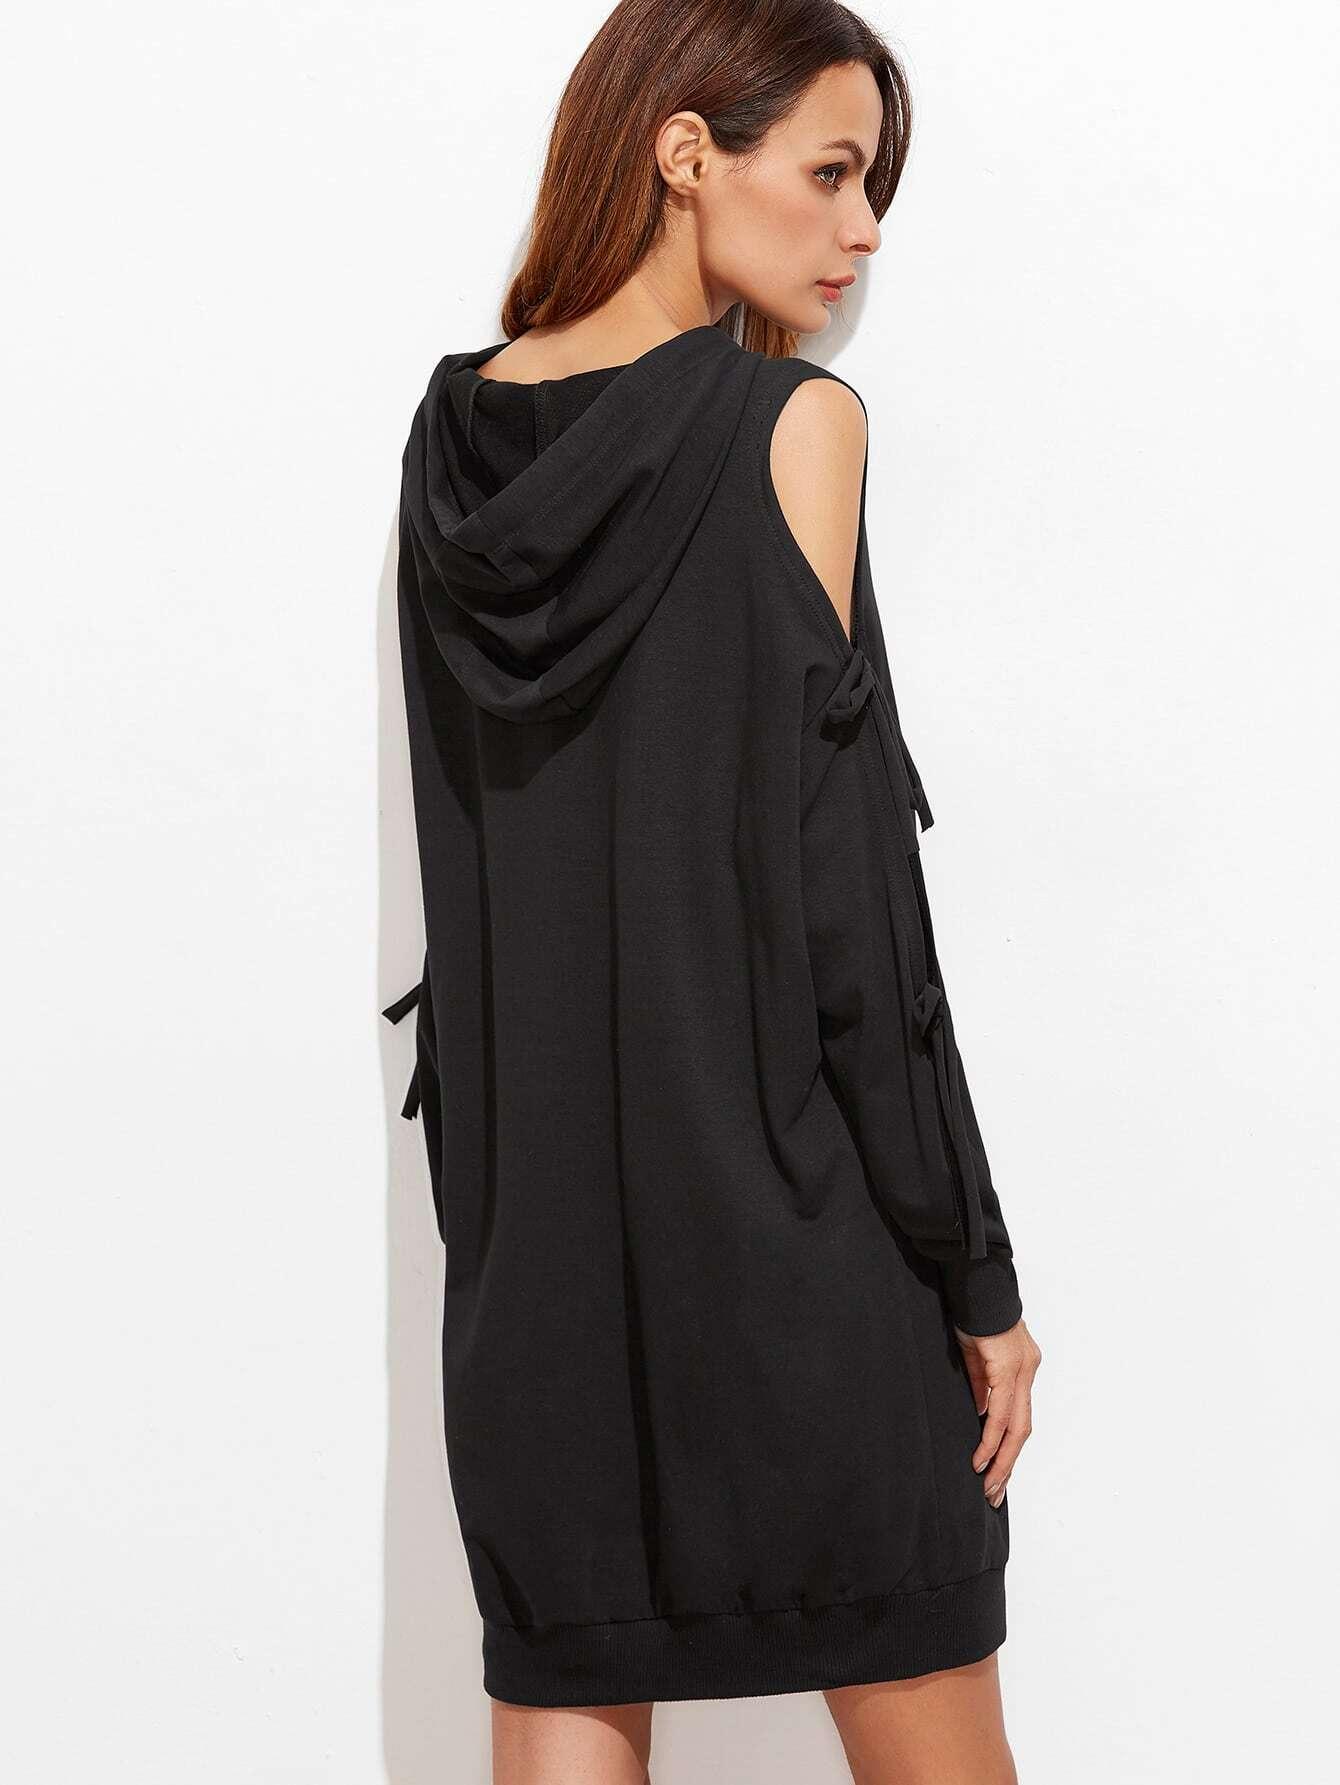 dress161205719_2